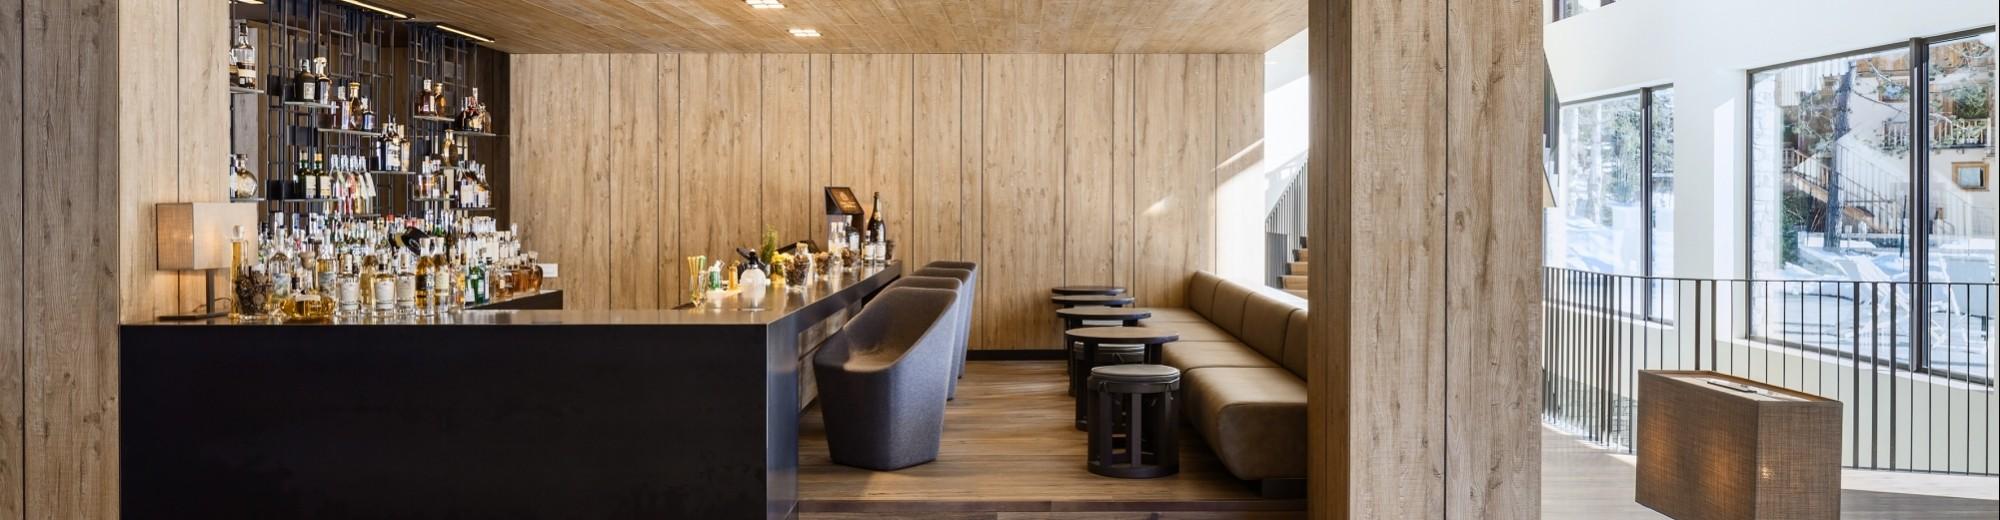 Sedie del bar sul lato del bancone